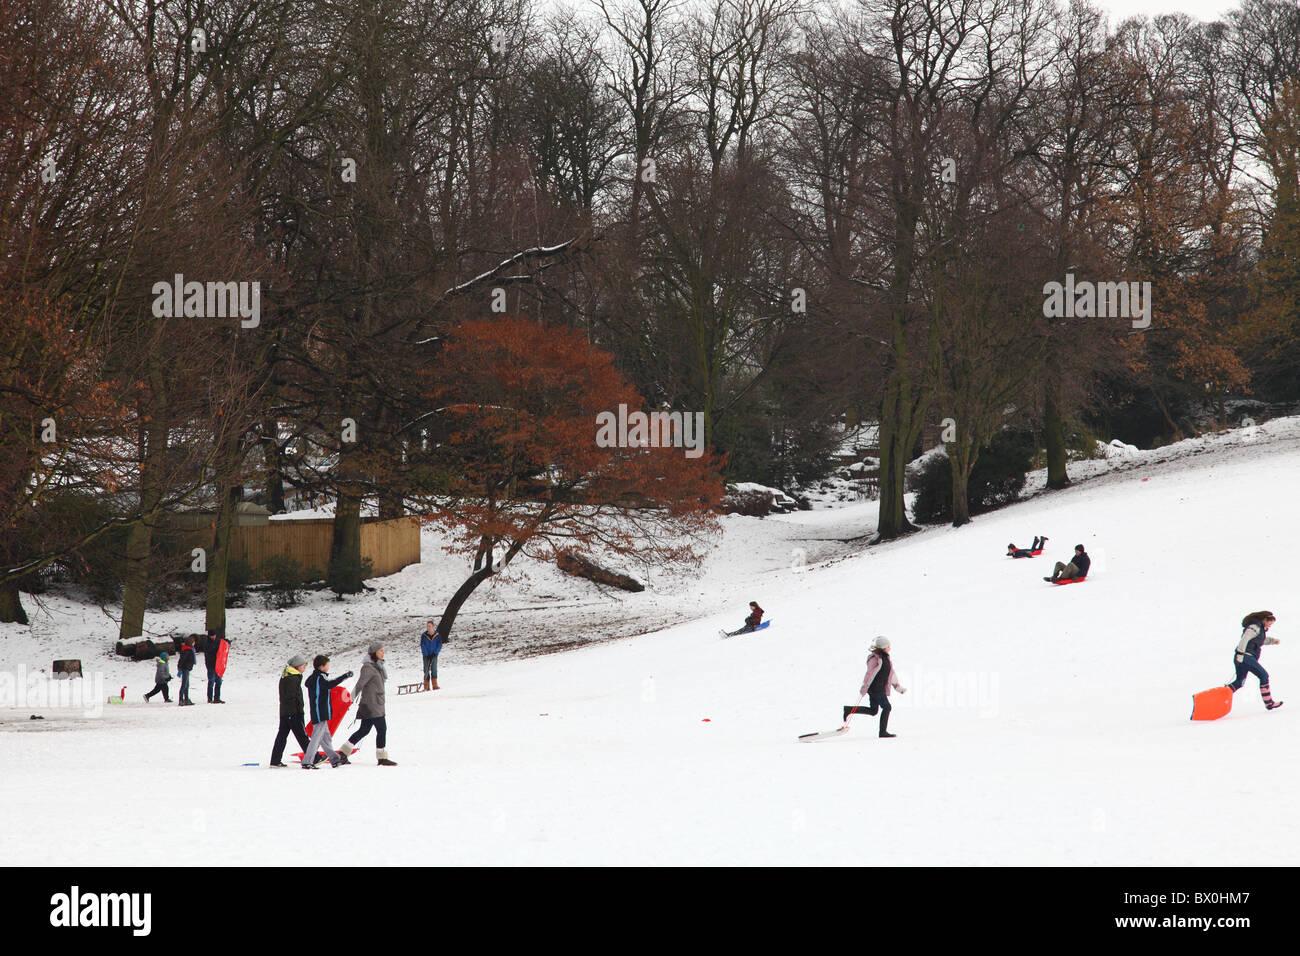 Families sledging on Woodthorpe Grange, Nottingham, England, U.K. - Stock Image